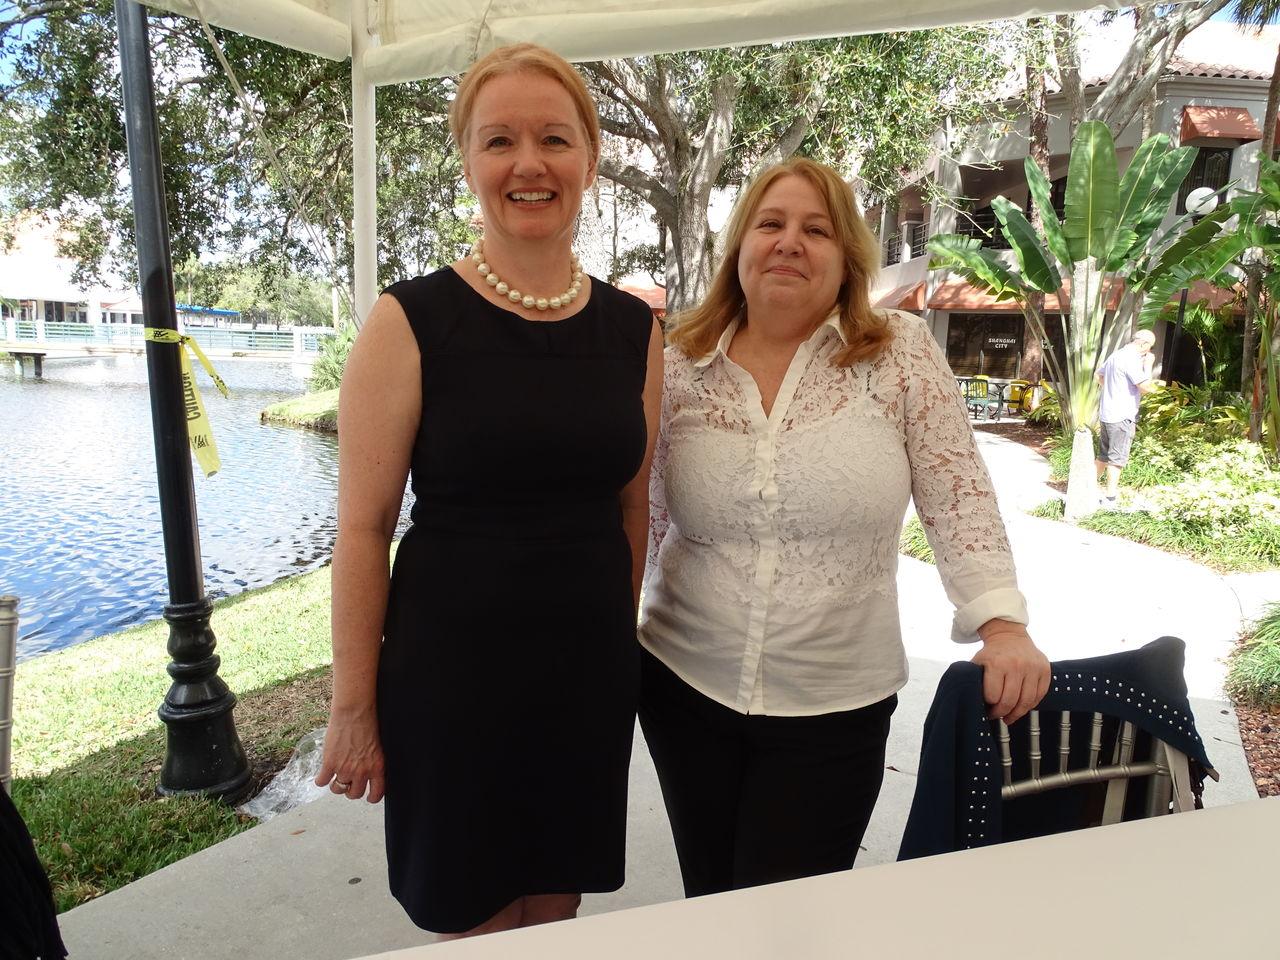 Journée portes ouvertes de la Desjardins Bank à Boca Raton en Floride